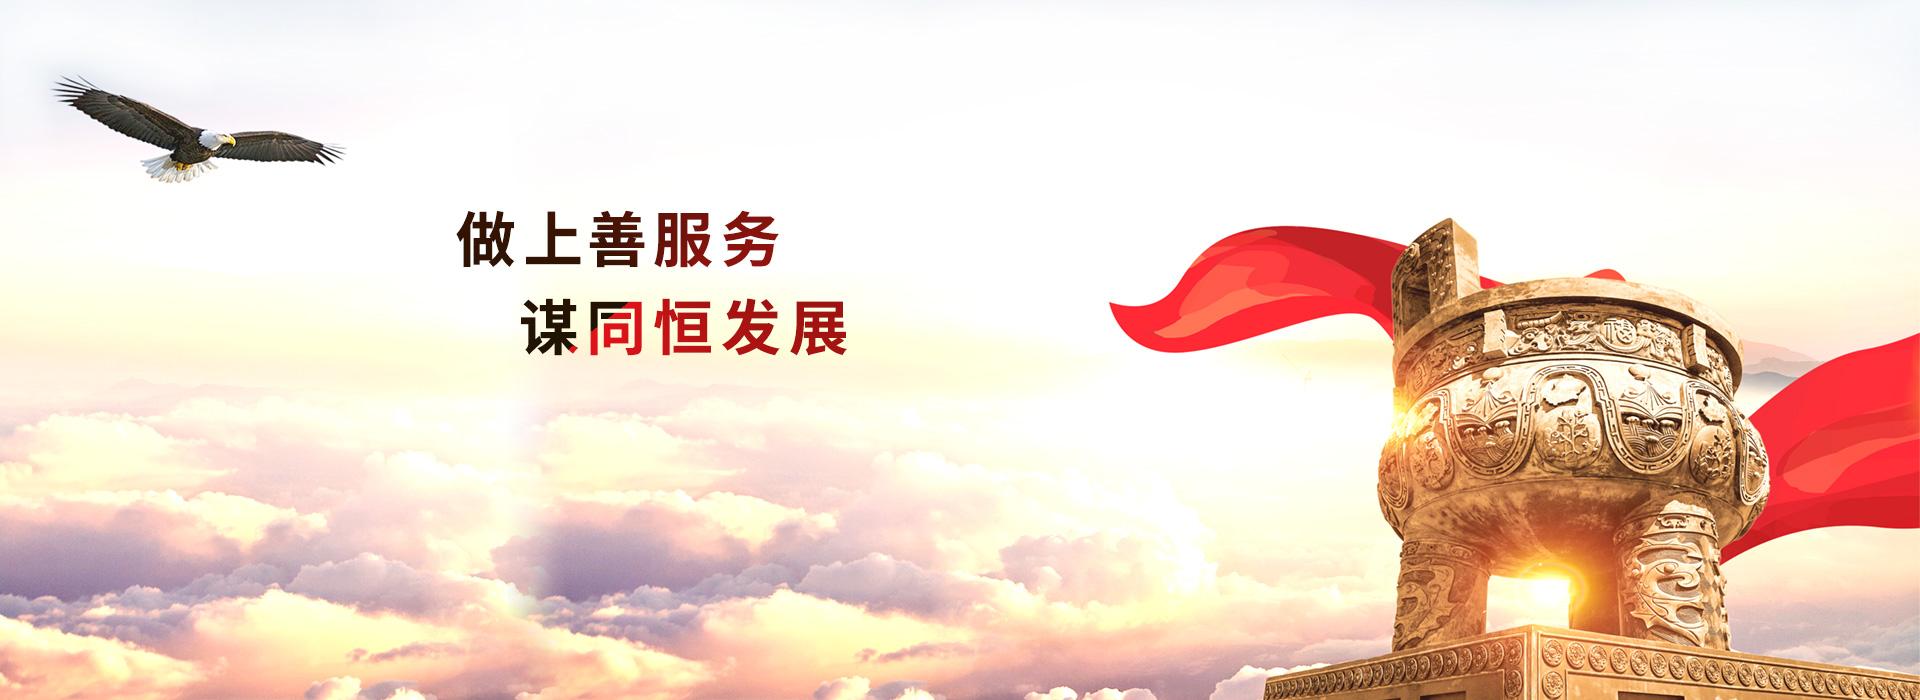 鼎中网络科技网络营销策划服务理念